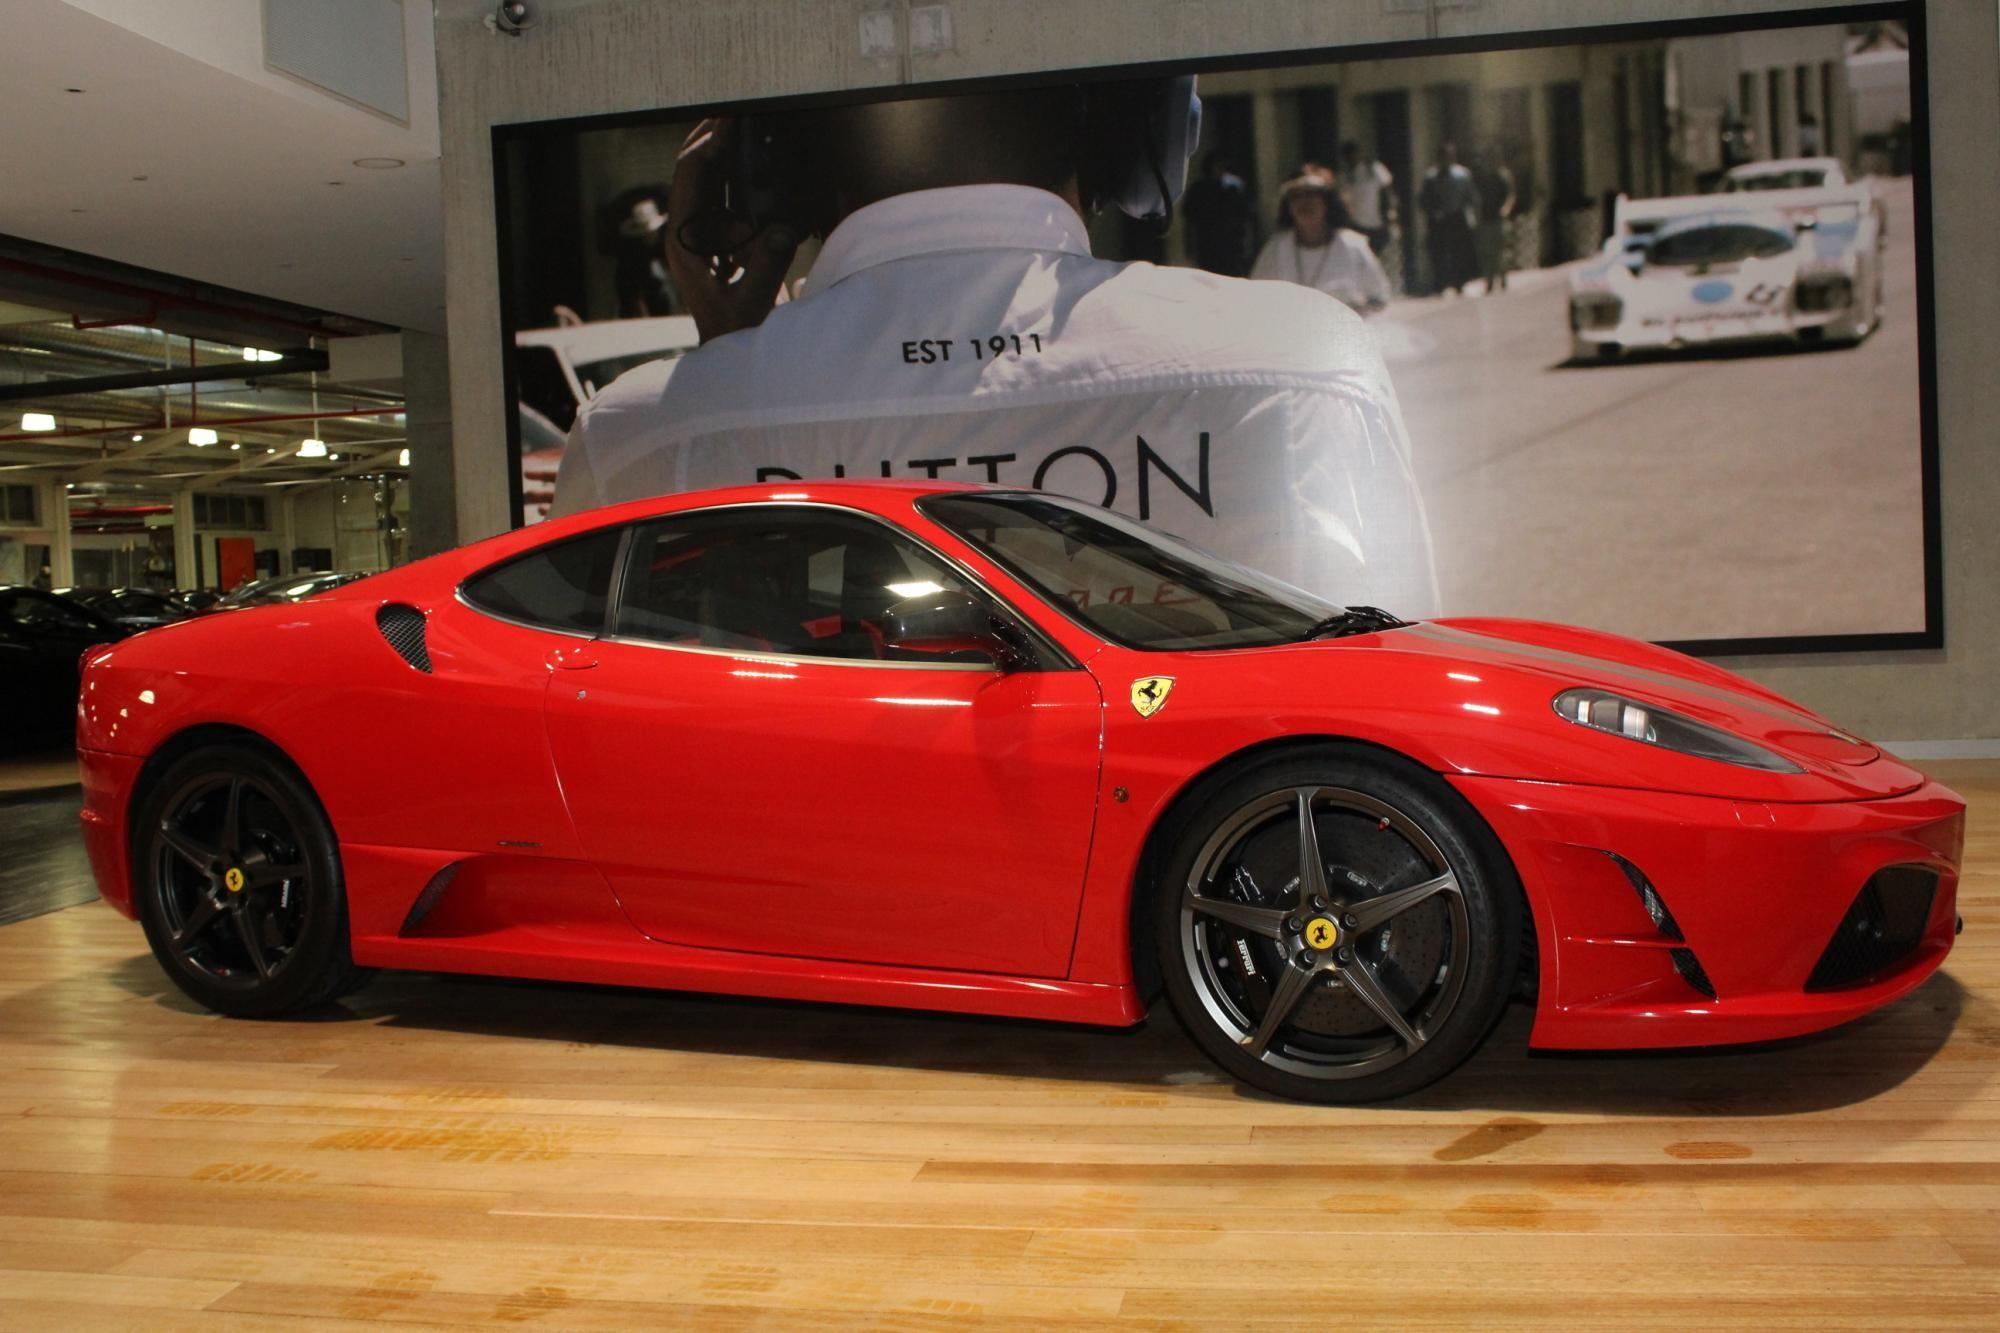 2009 Ferrari F430 Scuderia F1 Coupe Ferrari F430 Ferrari Coupe